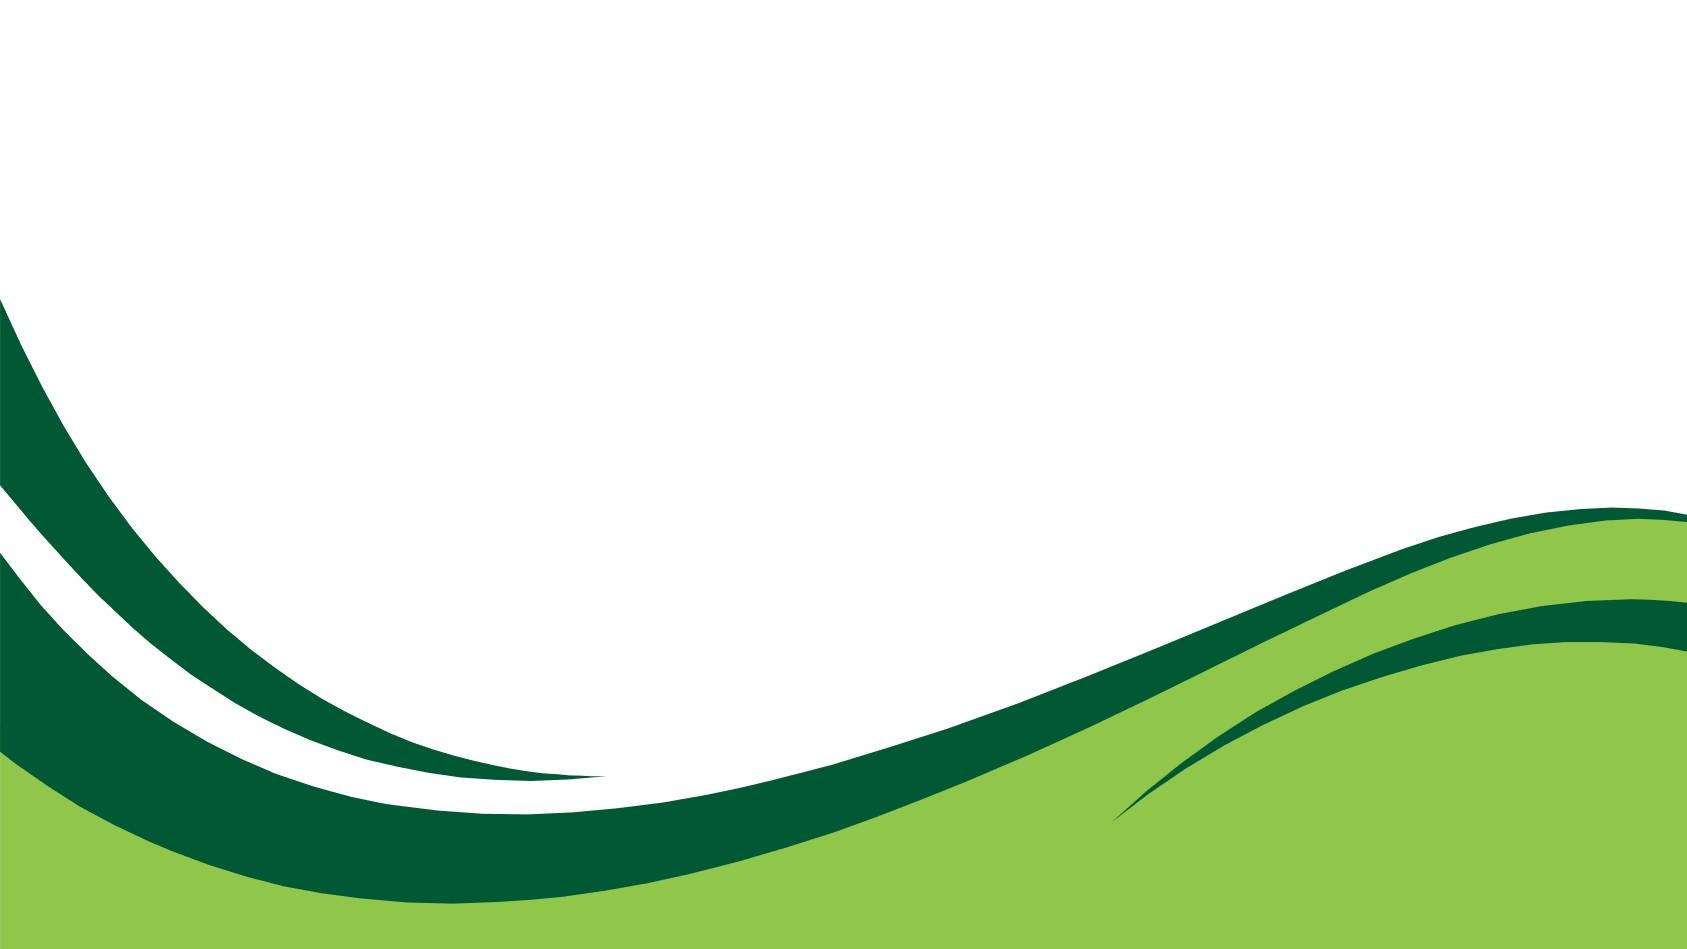 绿色简洁曲线PPT背景图片